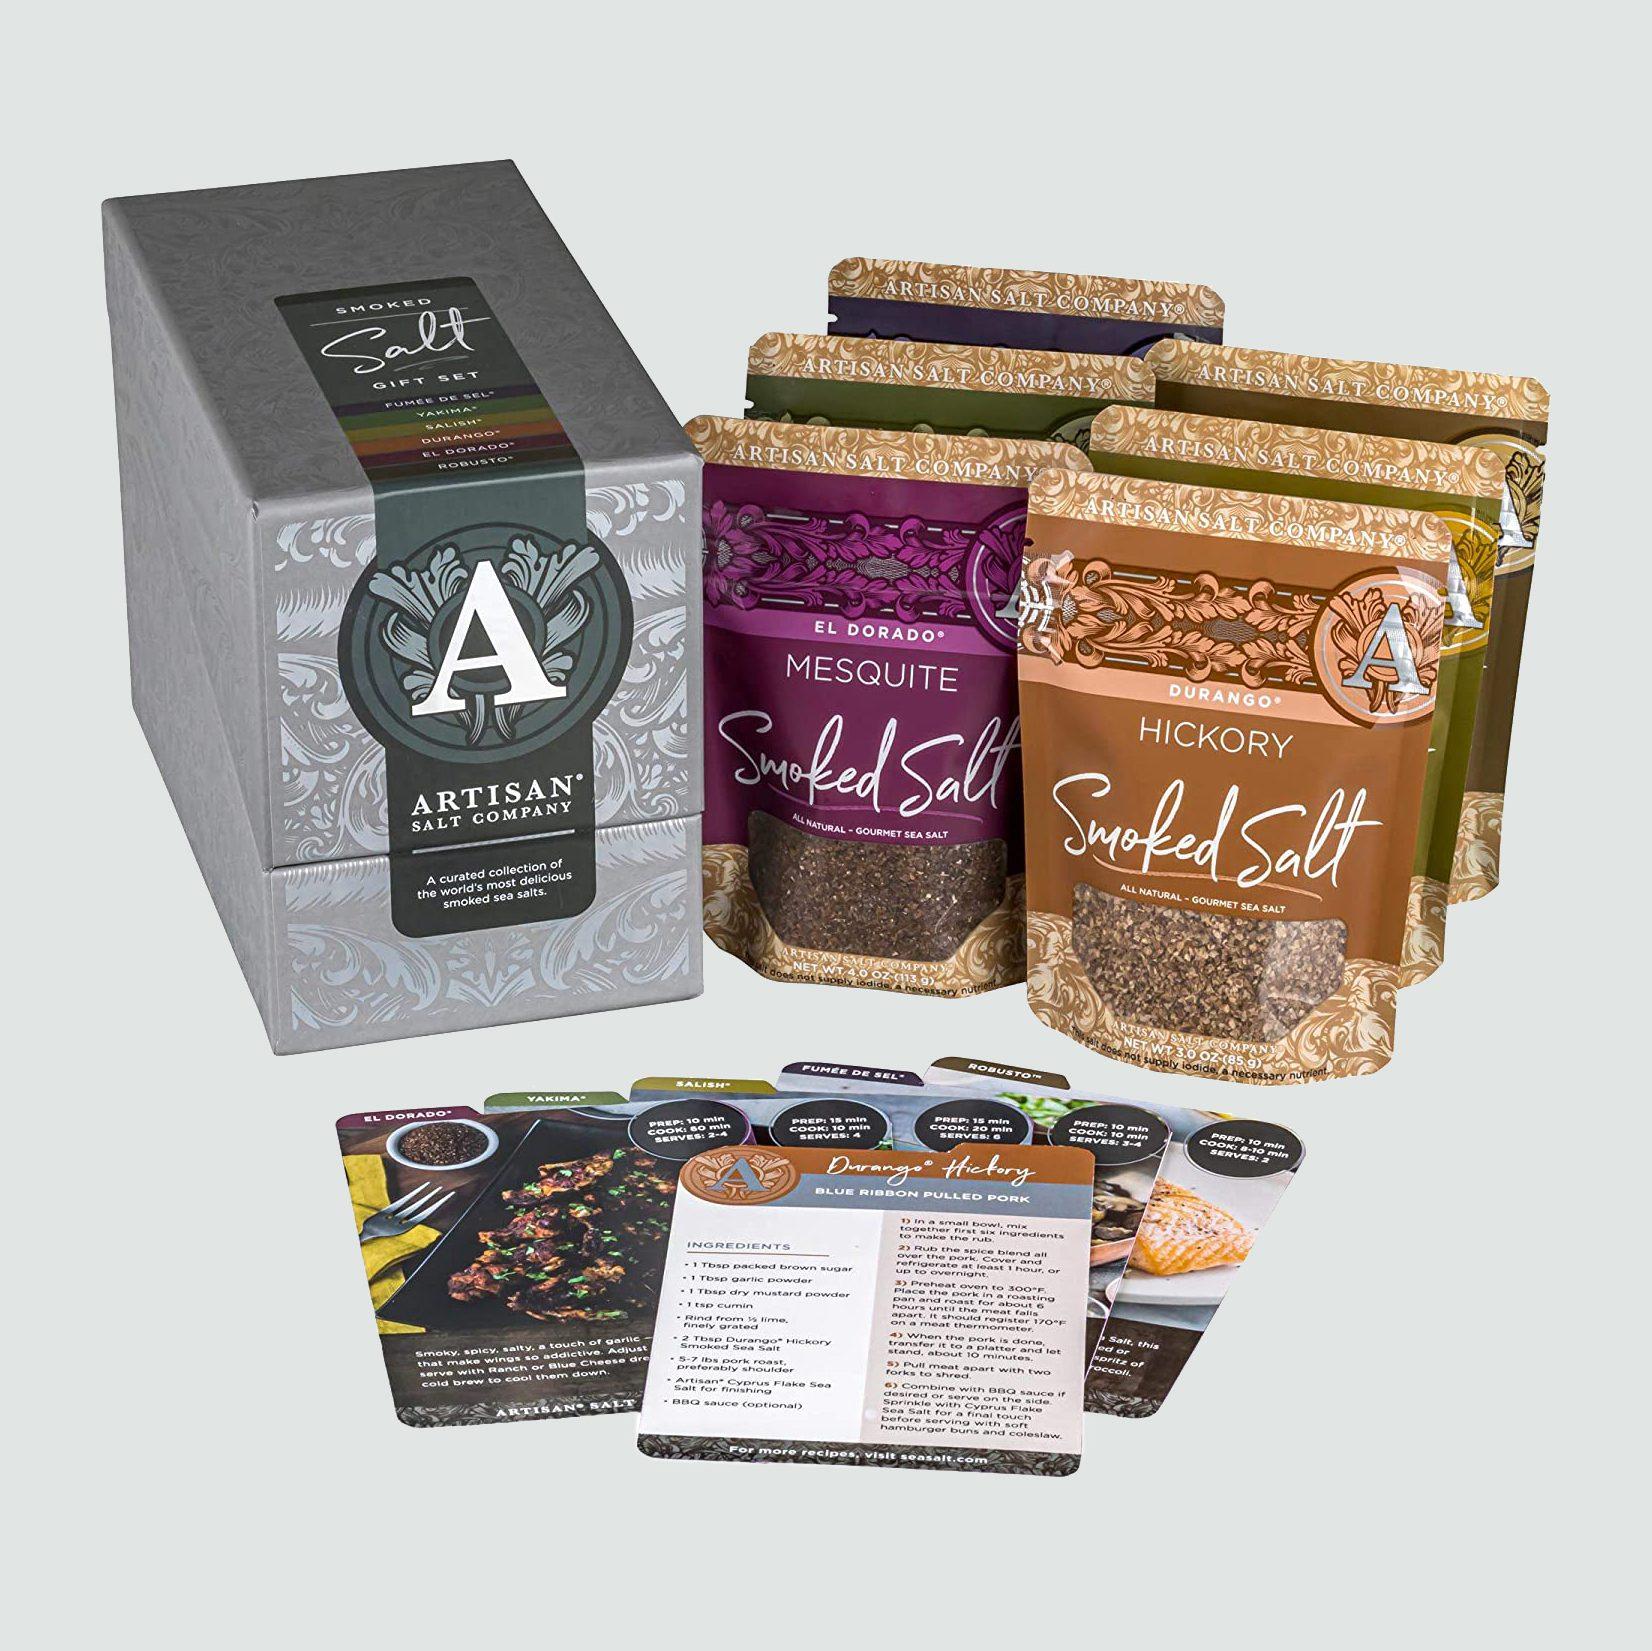 SaltWorks Smoked Salt Gift Set